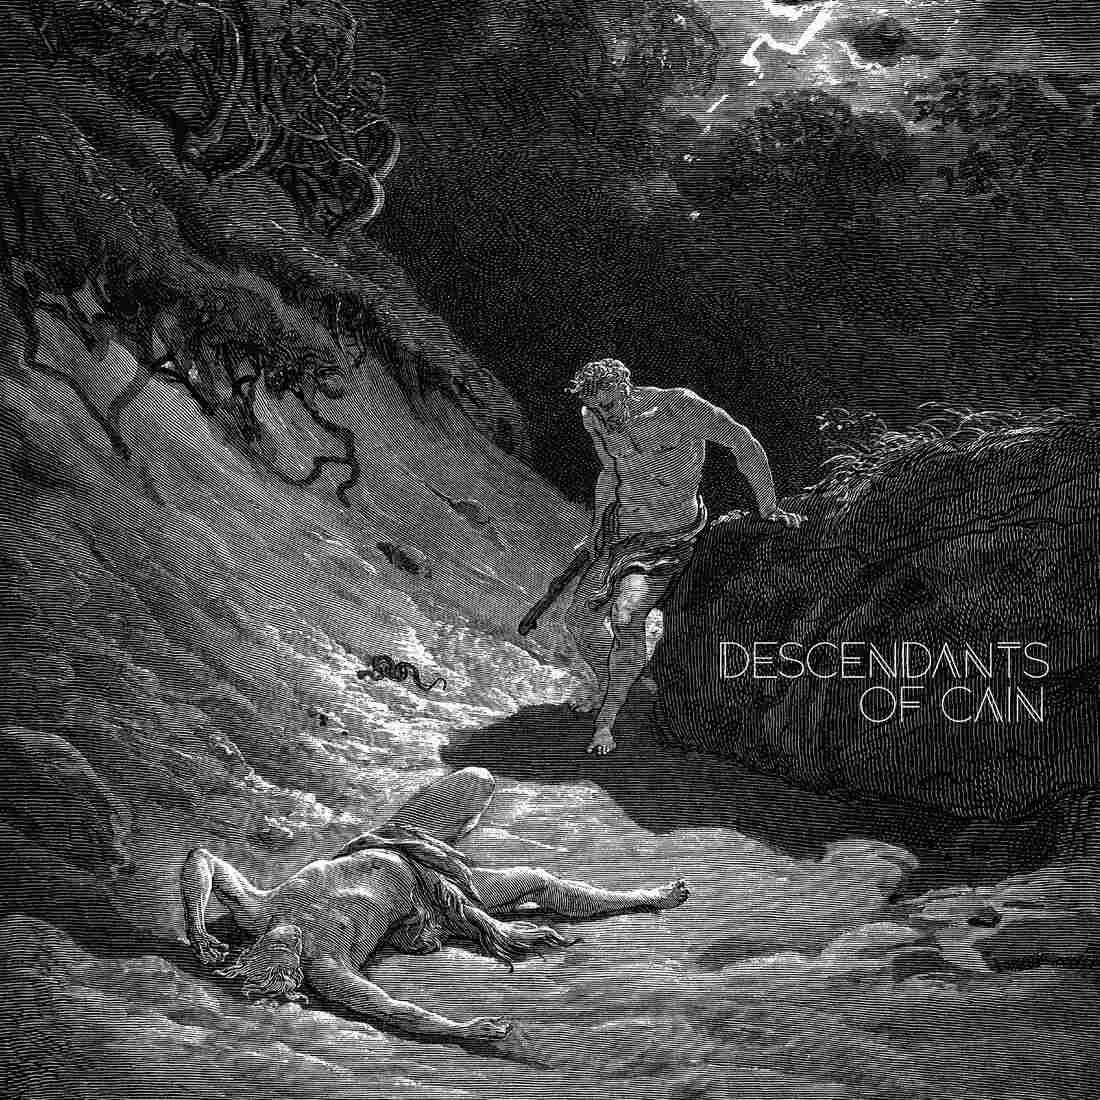 Ka, Descendants of Cain